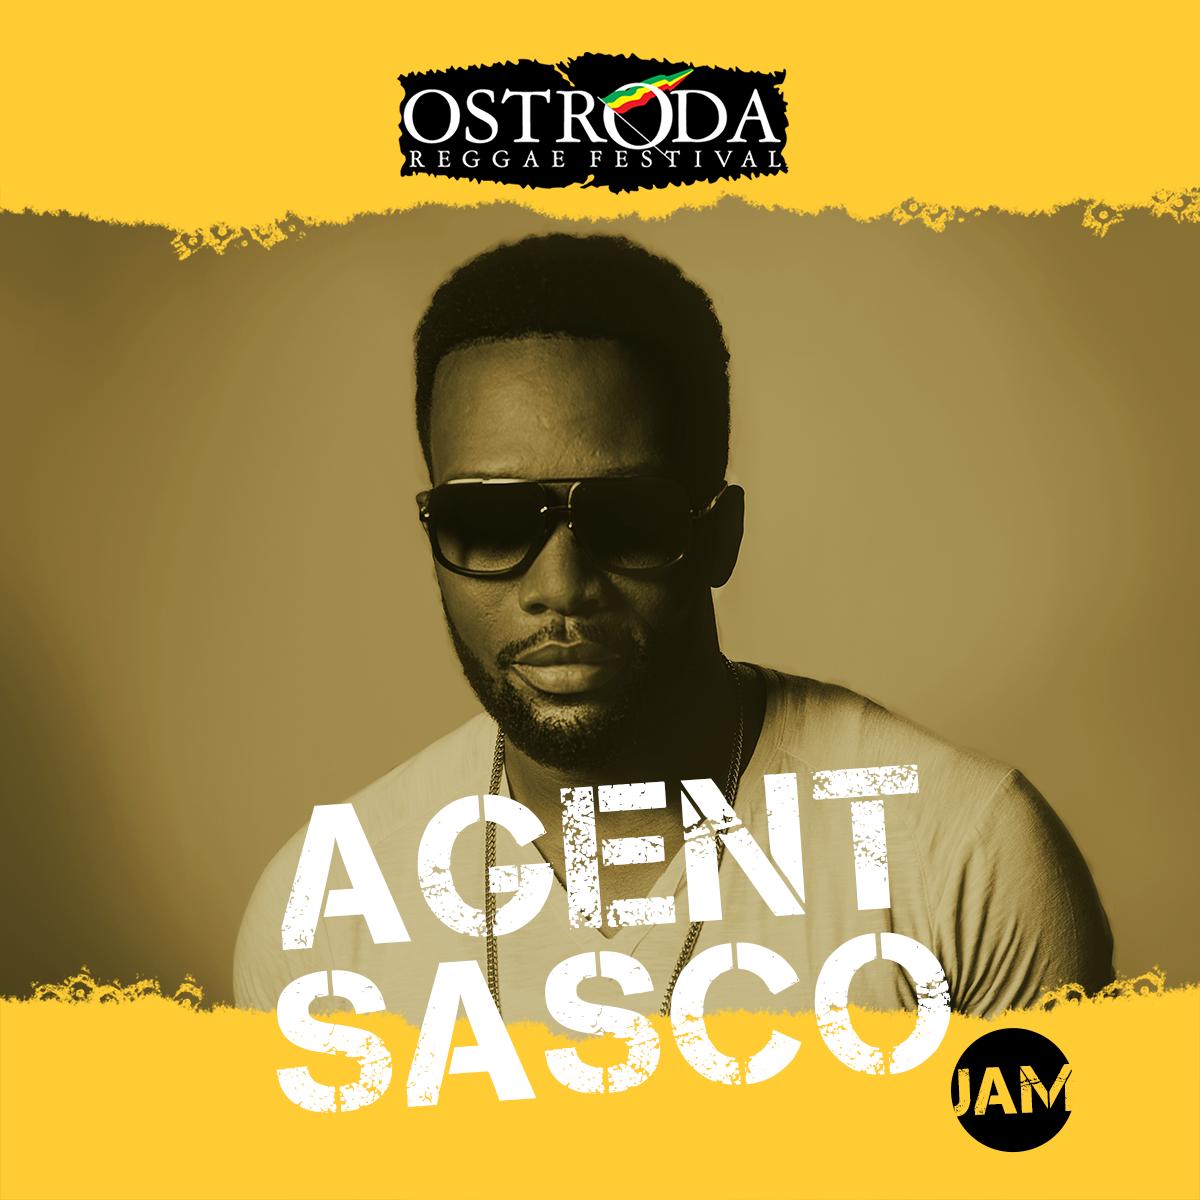 AGENT SASCO (Jamajka)